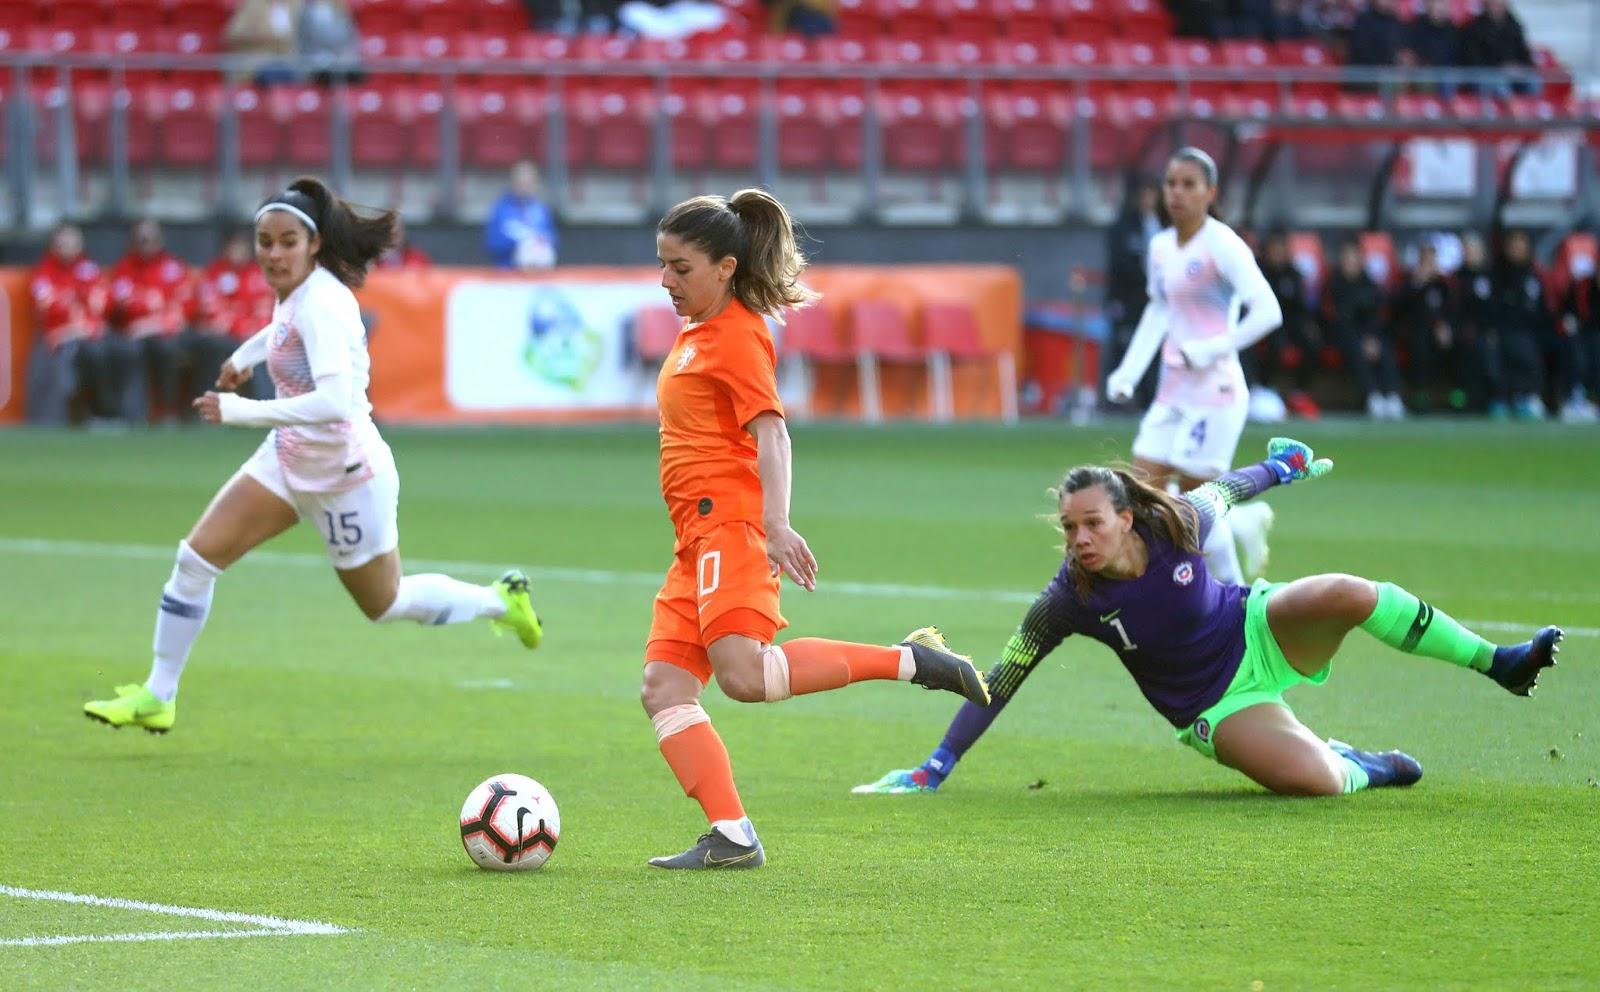 Países Bajos y Chile en partido amistoso femenino, 9 de abril de 2019